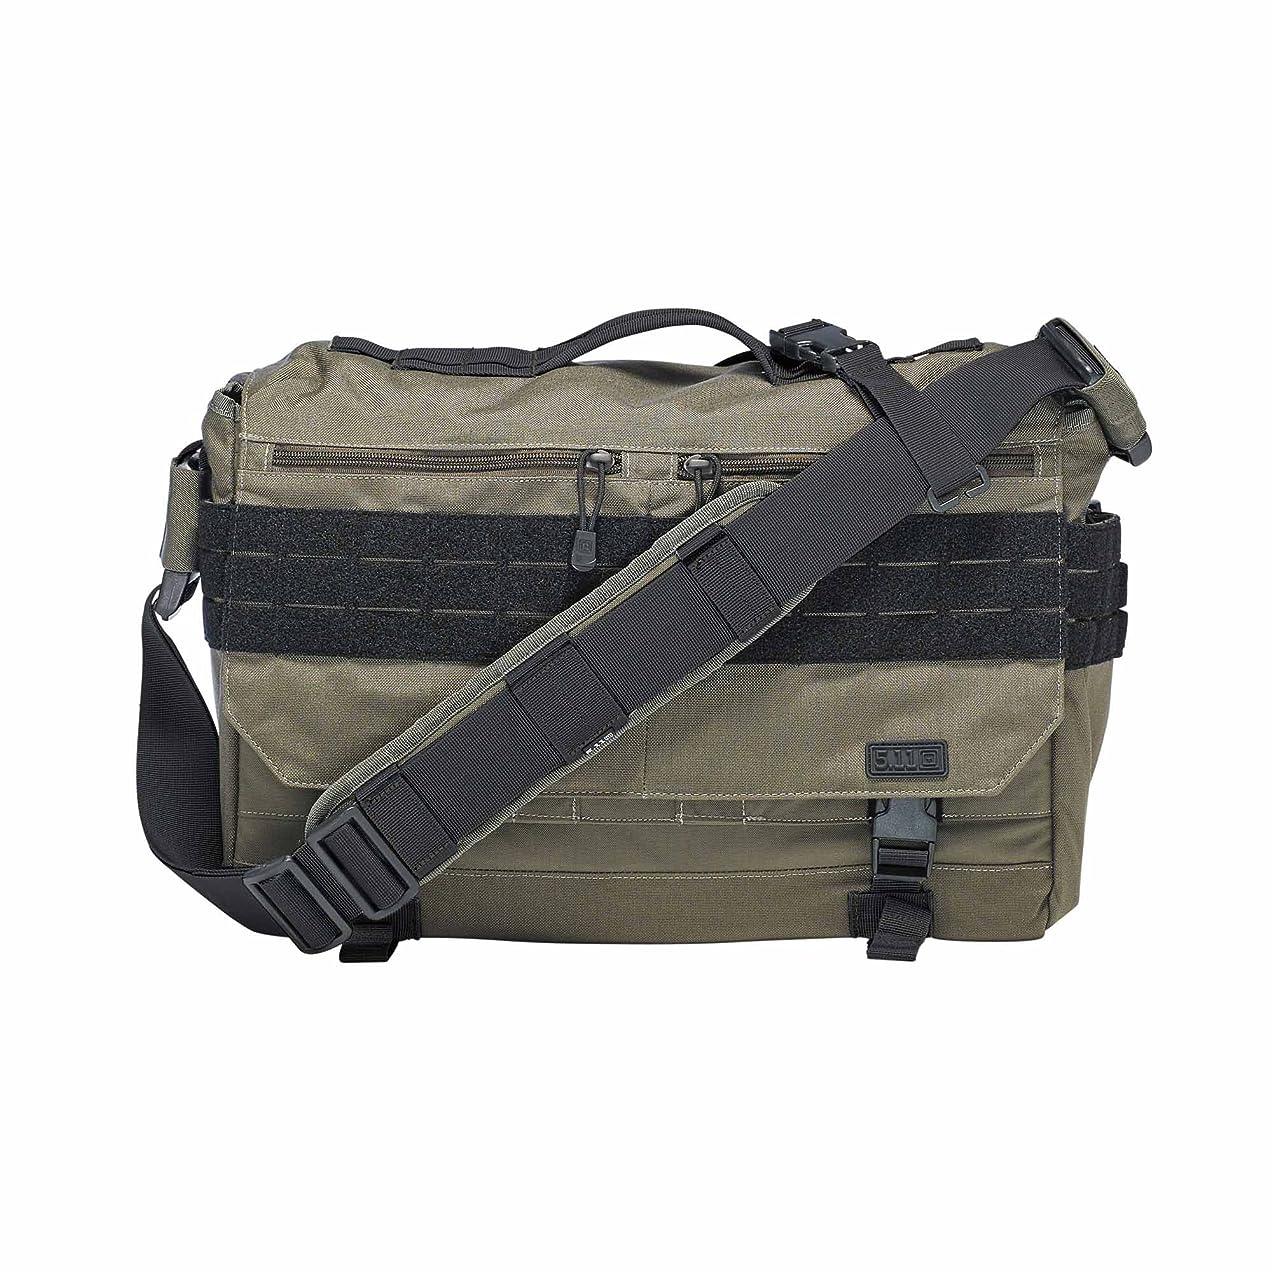 年金受給者位置づける和解する5.11タクティカル Rush Delivery メッセンジャーバッグ Lima